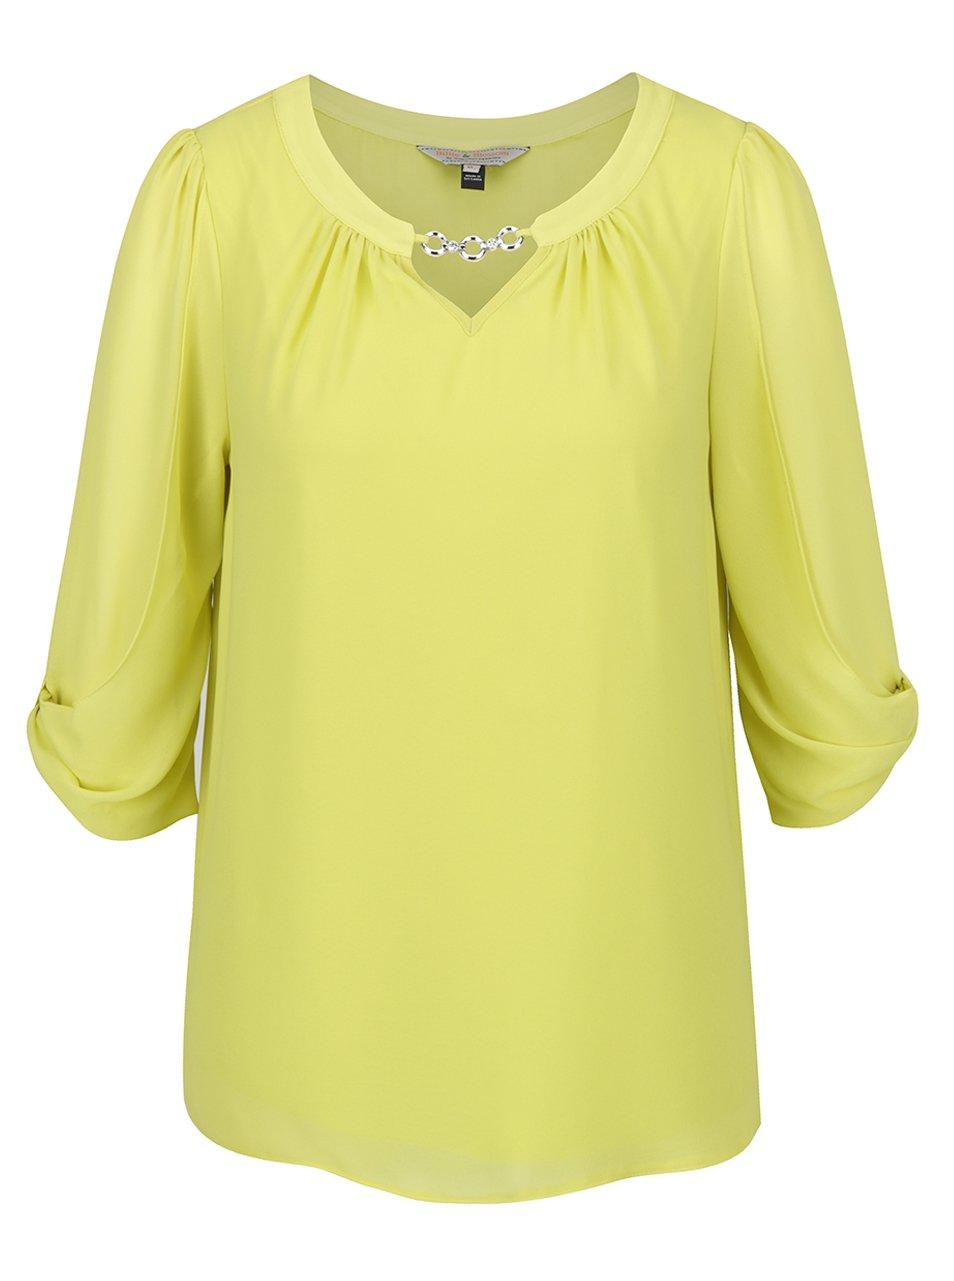 e92b677e318b Zelená blúzka s aplikáciou v striebornej farbe Billie   Blossom ...